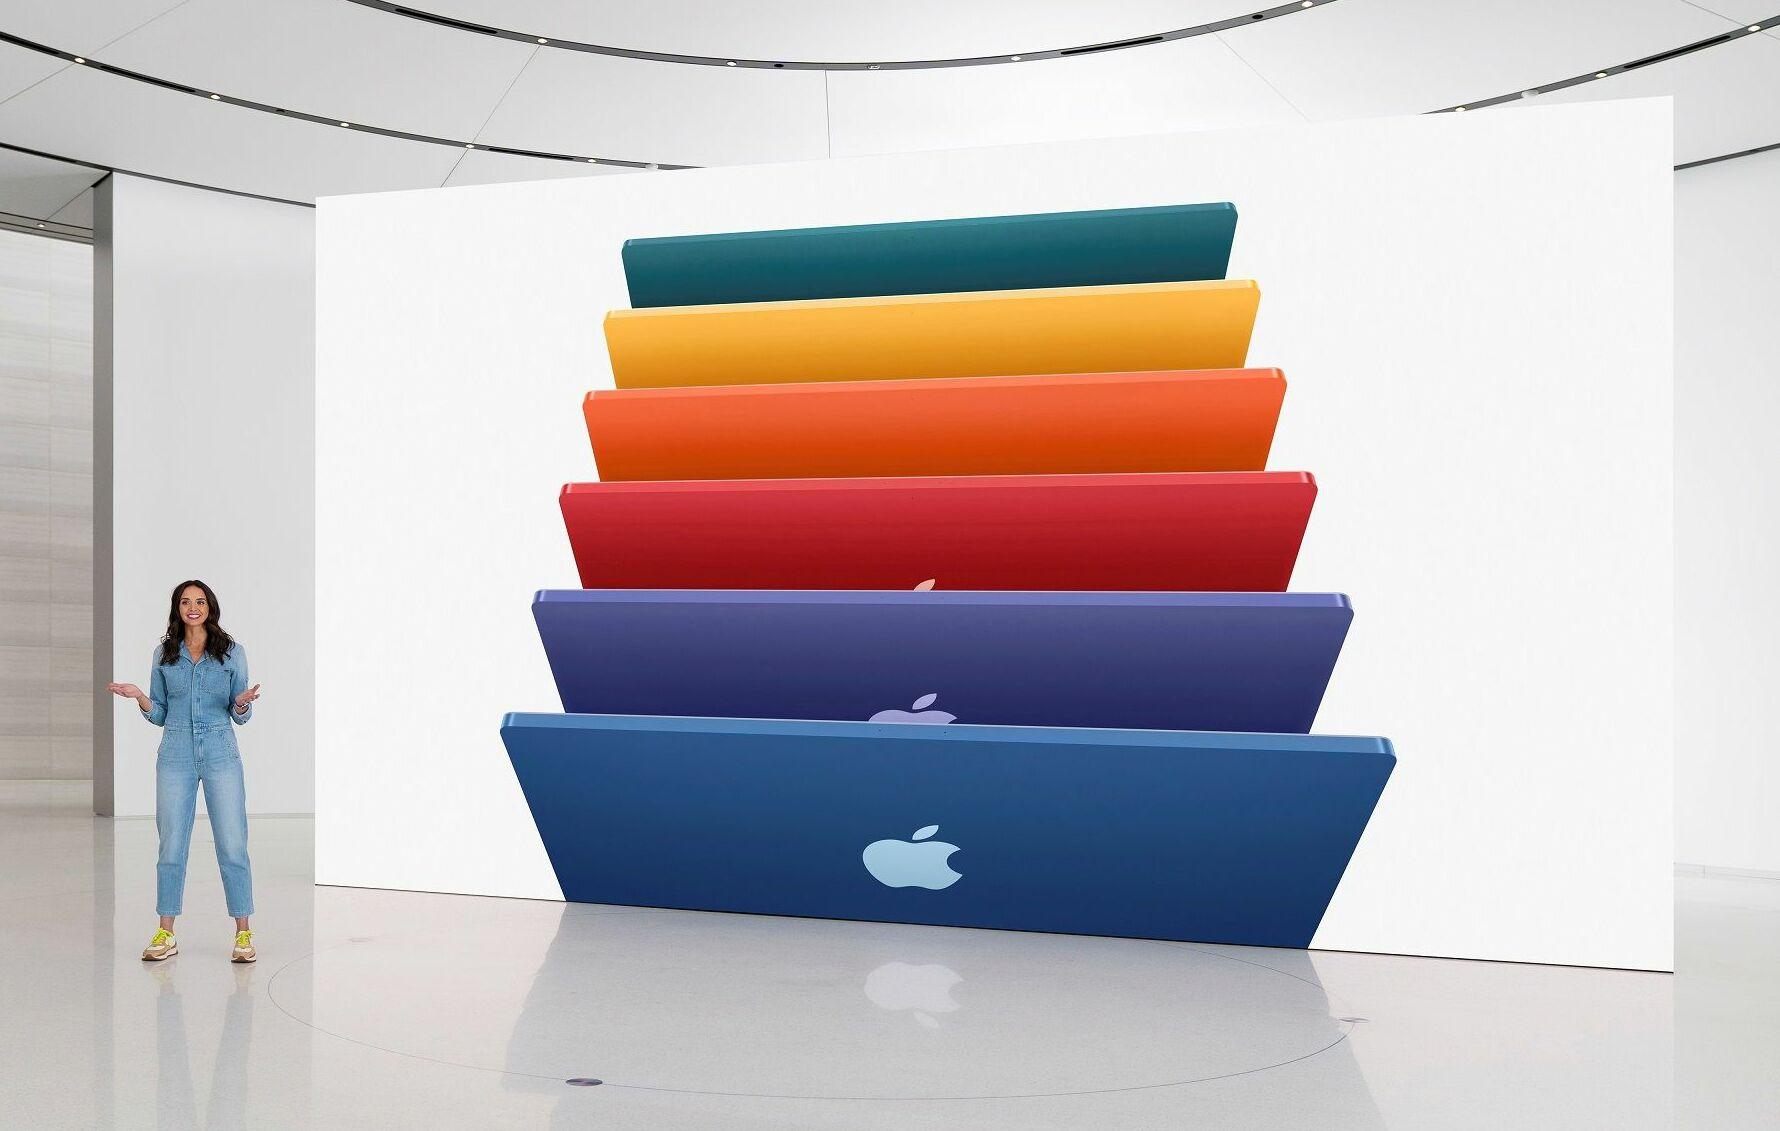 Lansmanın bir diğer sürprizi de yeni iMac oldu. M1 ile gelen ürün, ince yapısı ile öne çıkıyor. Yeni iMac, 2 thunderbolt ve 2 USB-C bulunduruyor.